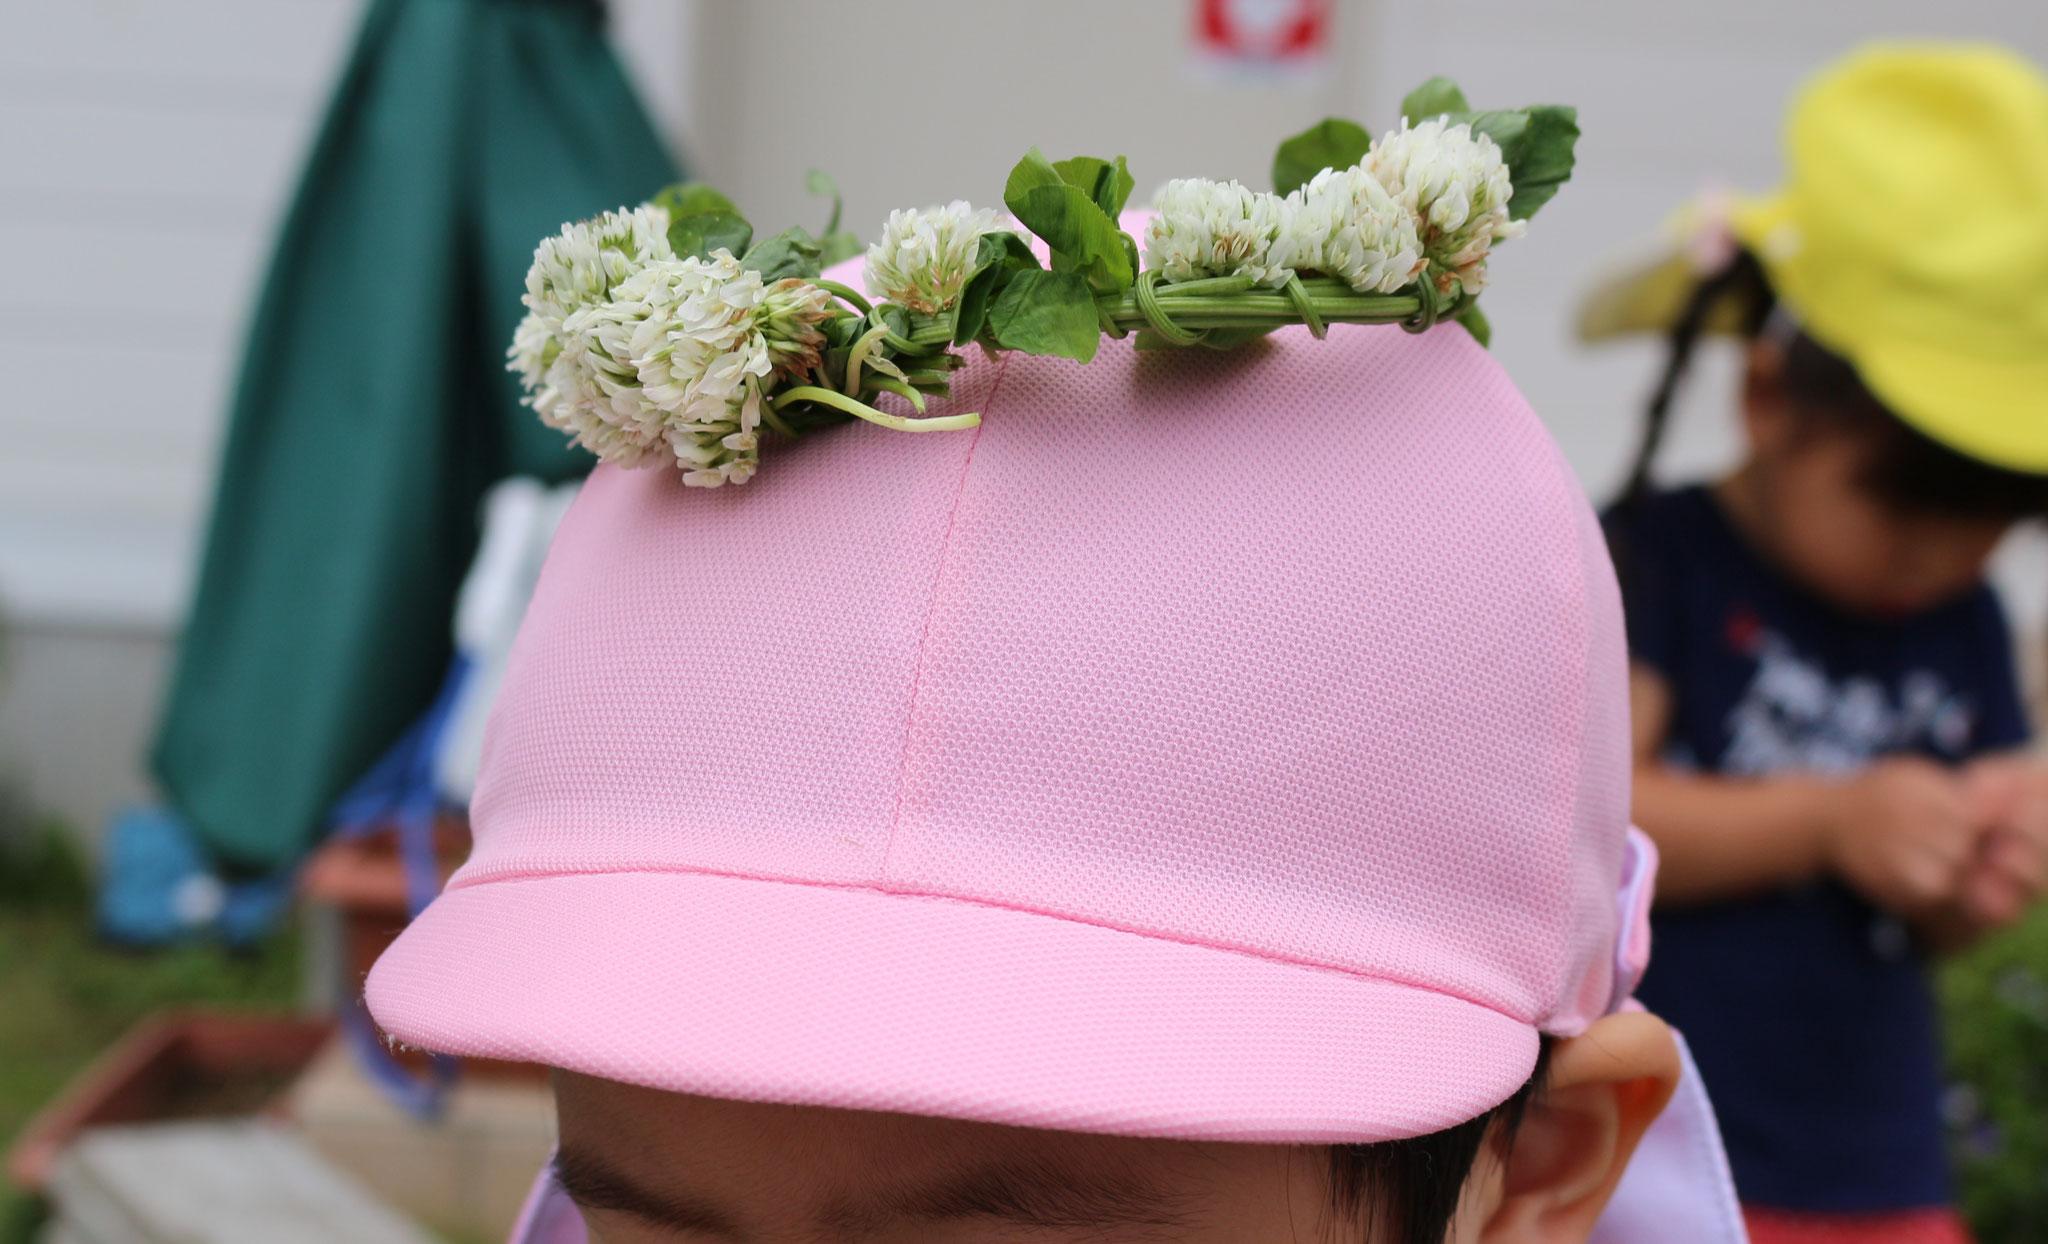 園庭のシロツメクサ(クローバー)の花かんむり👑 花言葉は「私をおもって」「幸運」「約束」